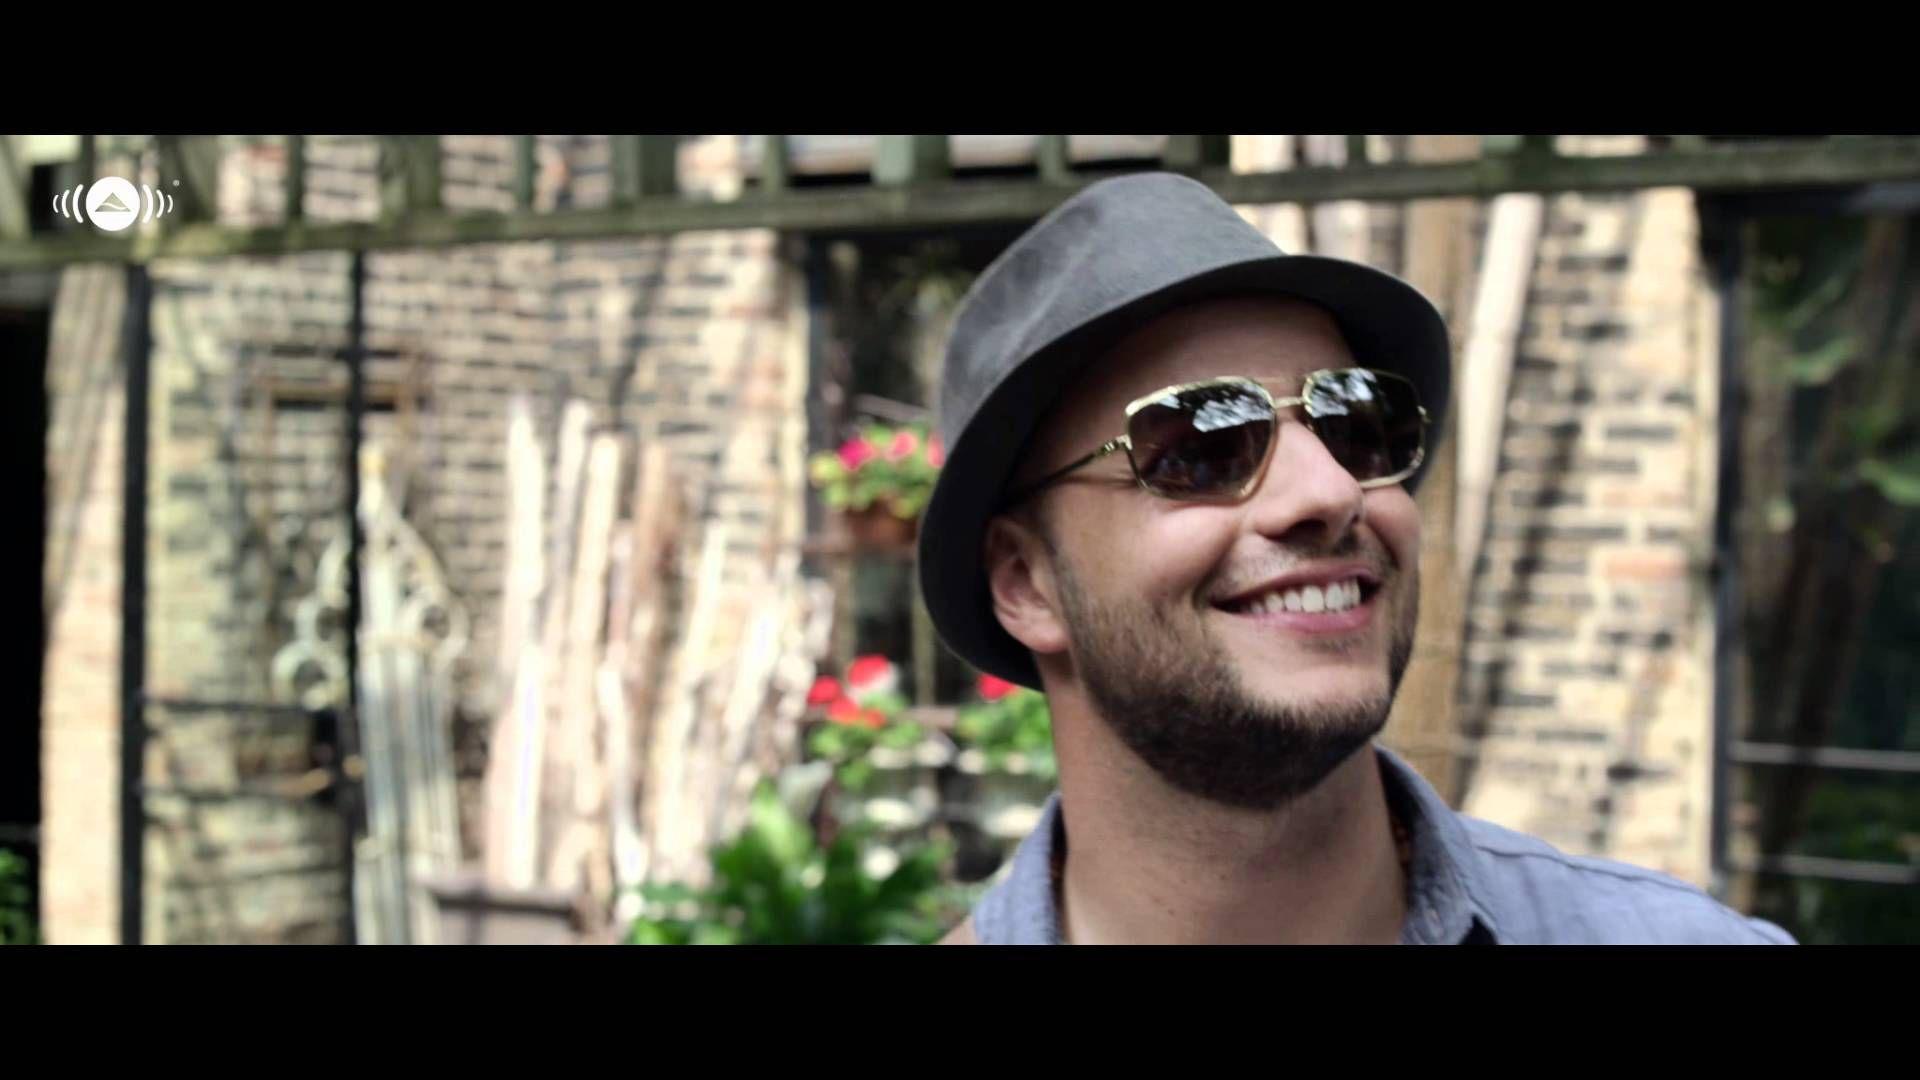 Maher Zain Ya Nabi Salam Alayka International Version Maher Zain Maher Zain Songs Islamic Videos